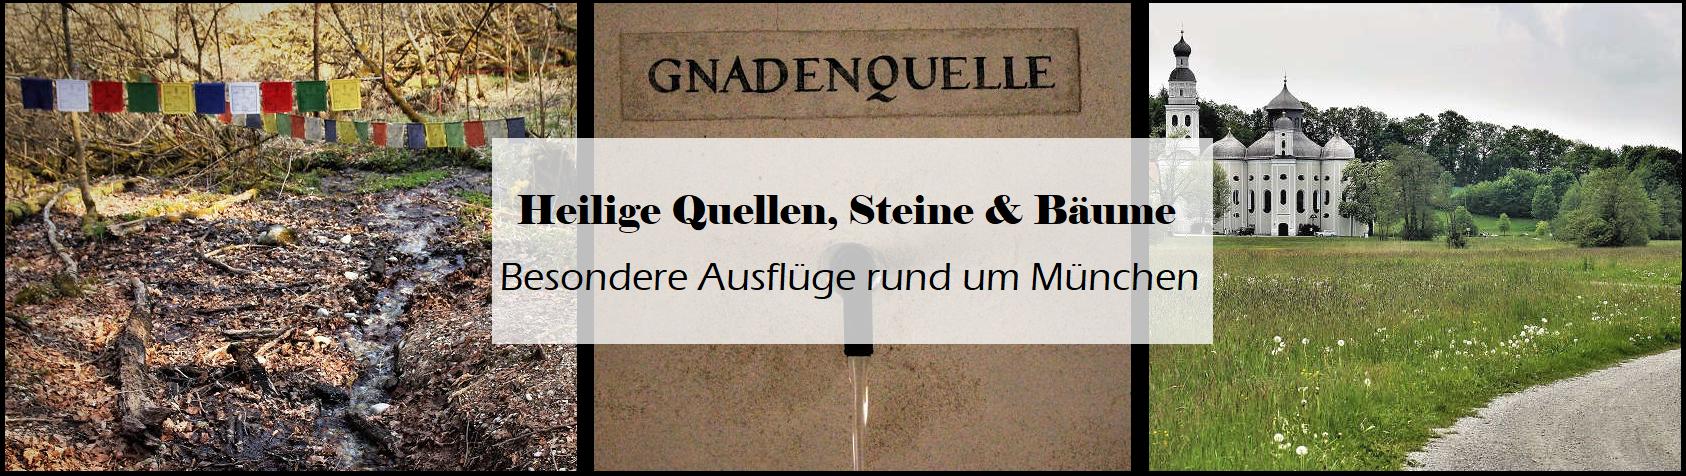 Besondere Ausflüge um München: Heilige Quellen, Steine & Bäume